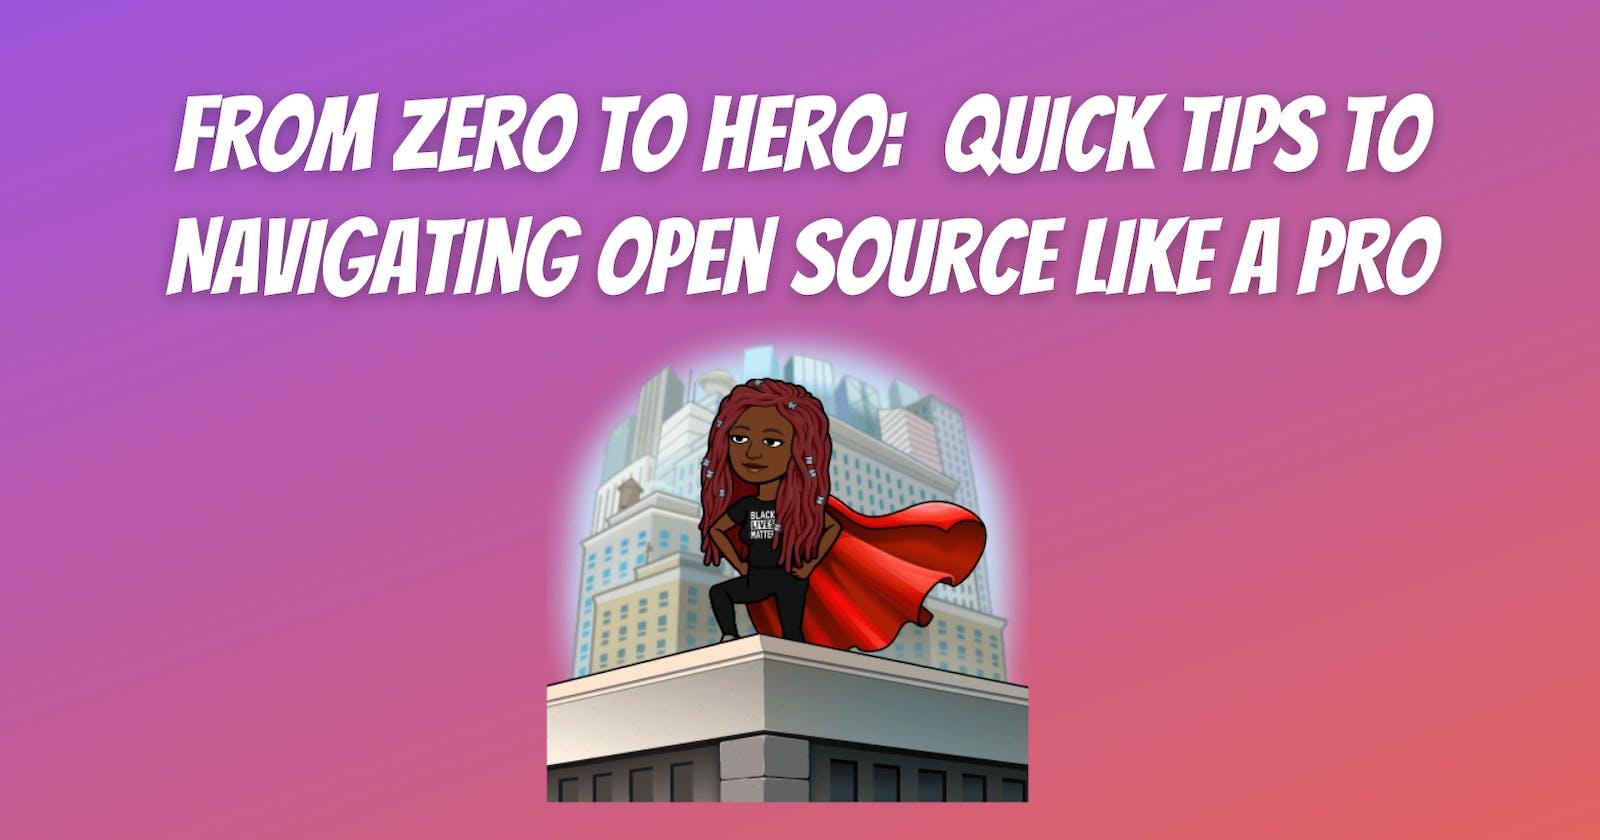 From Zero to Hero